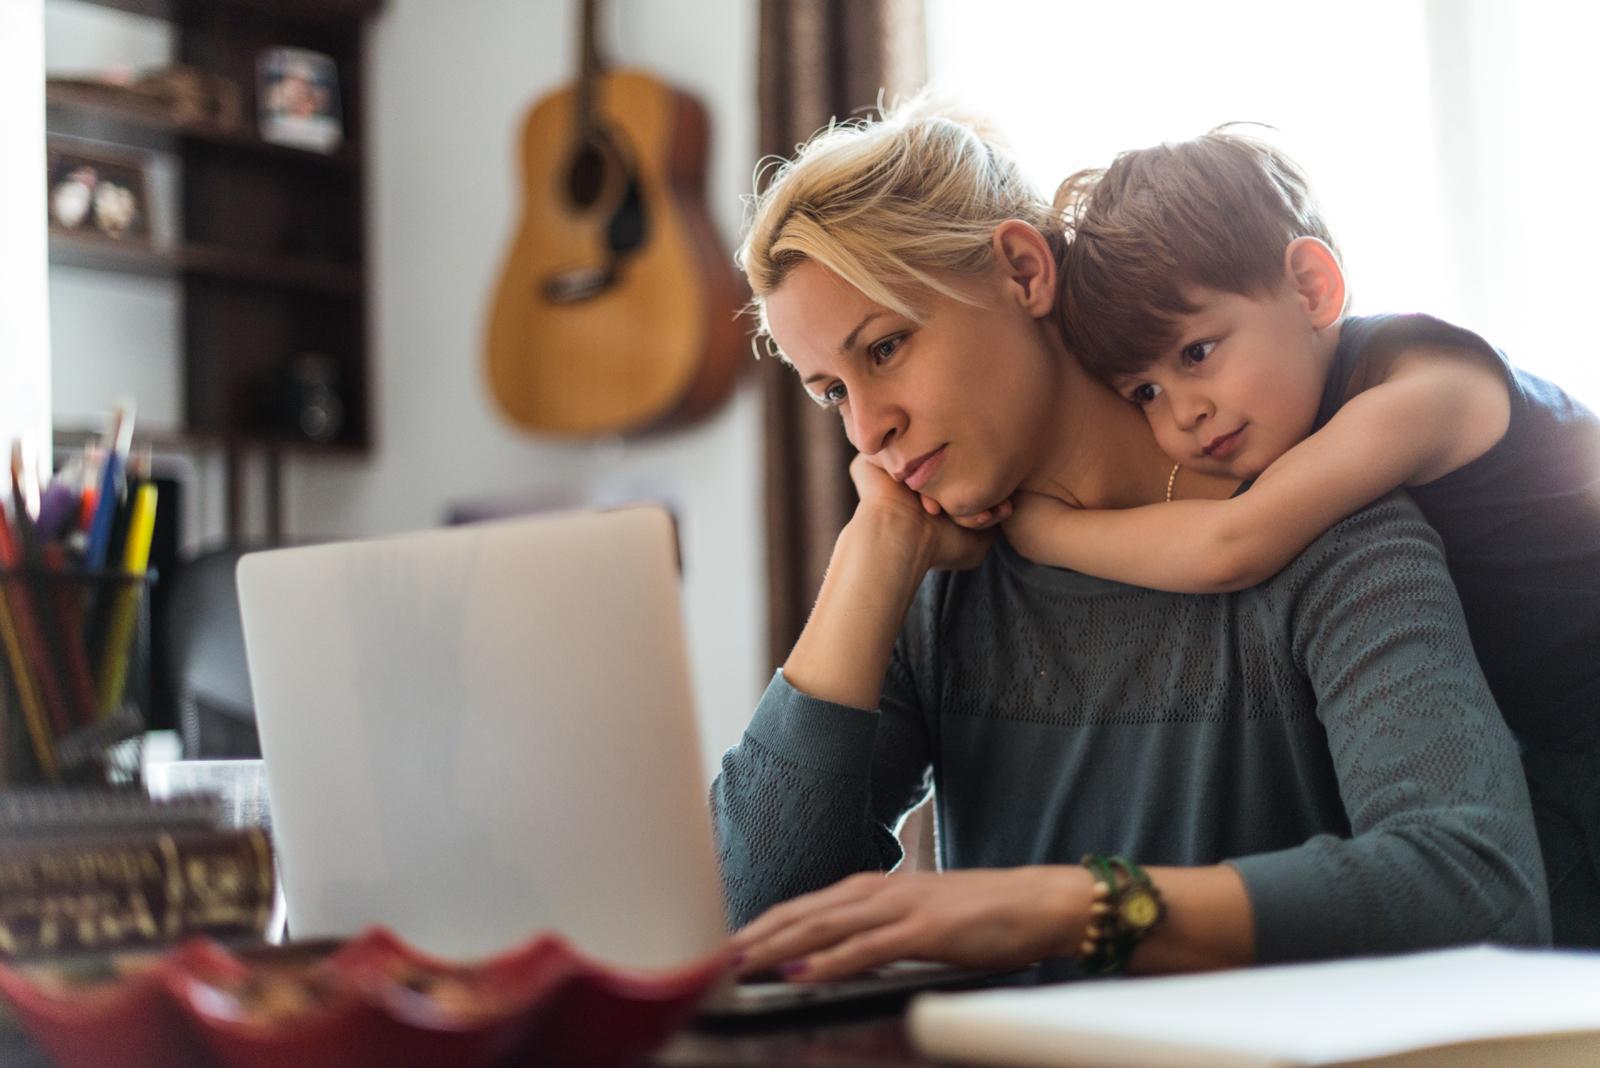 Für Arbeitsgeber ein Unsicherheitsfaktor: Kinder zu verheimlichen, darf keine Lösung sein. (iStock)